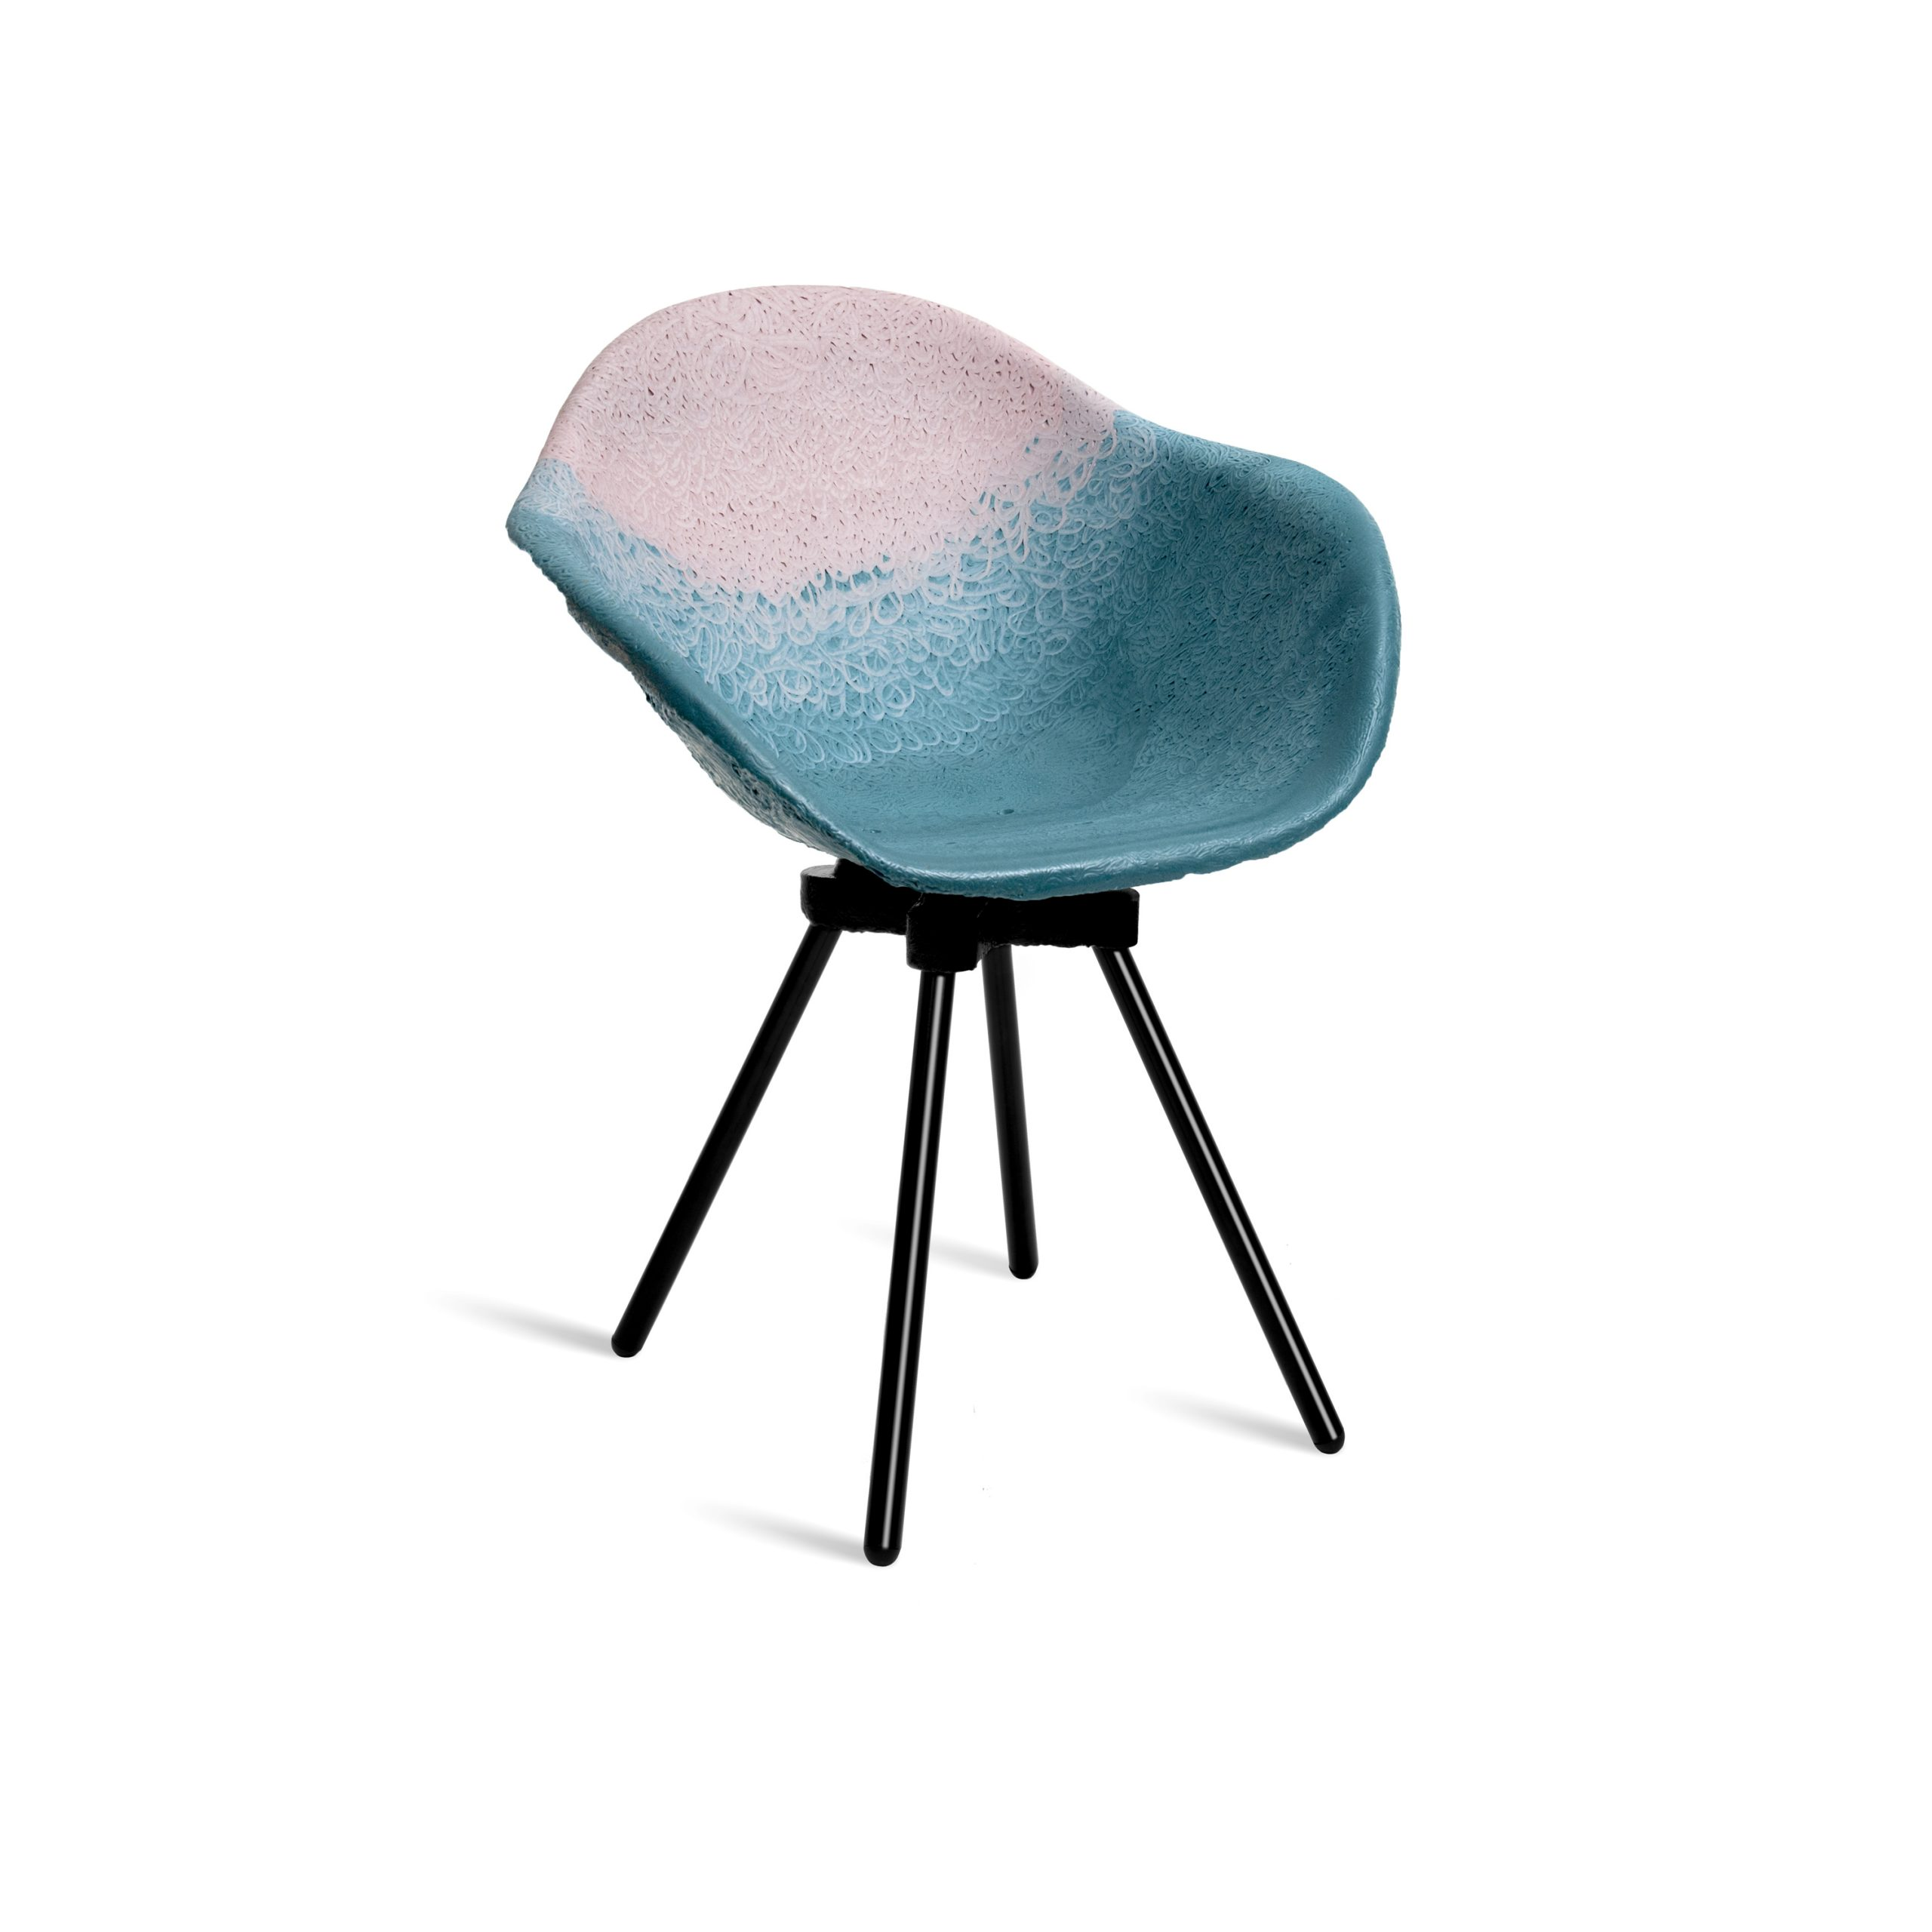 Maximum : Des meubles design et responsables grâce au recyclage industriel